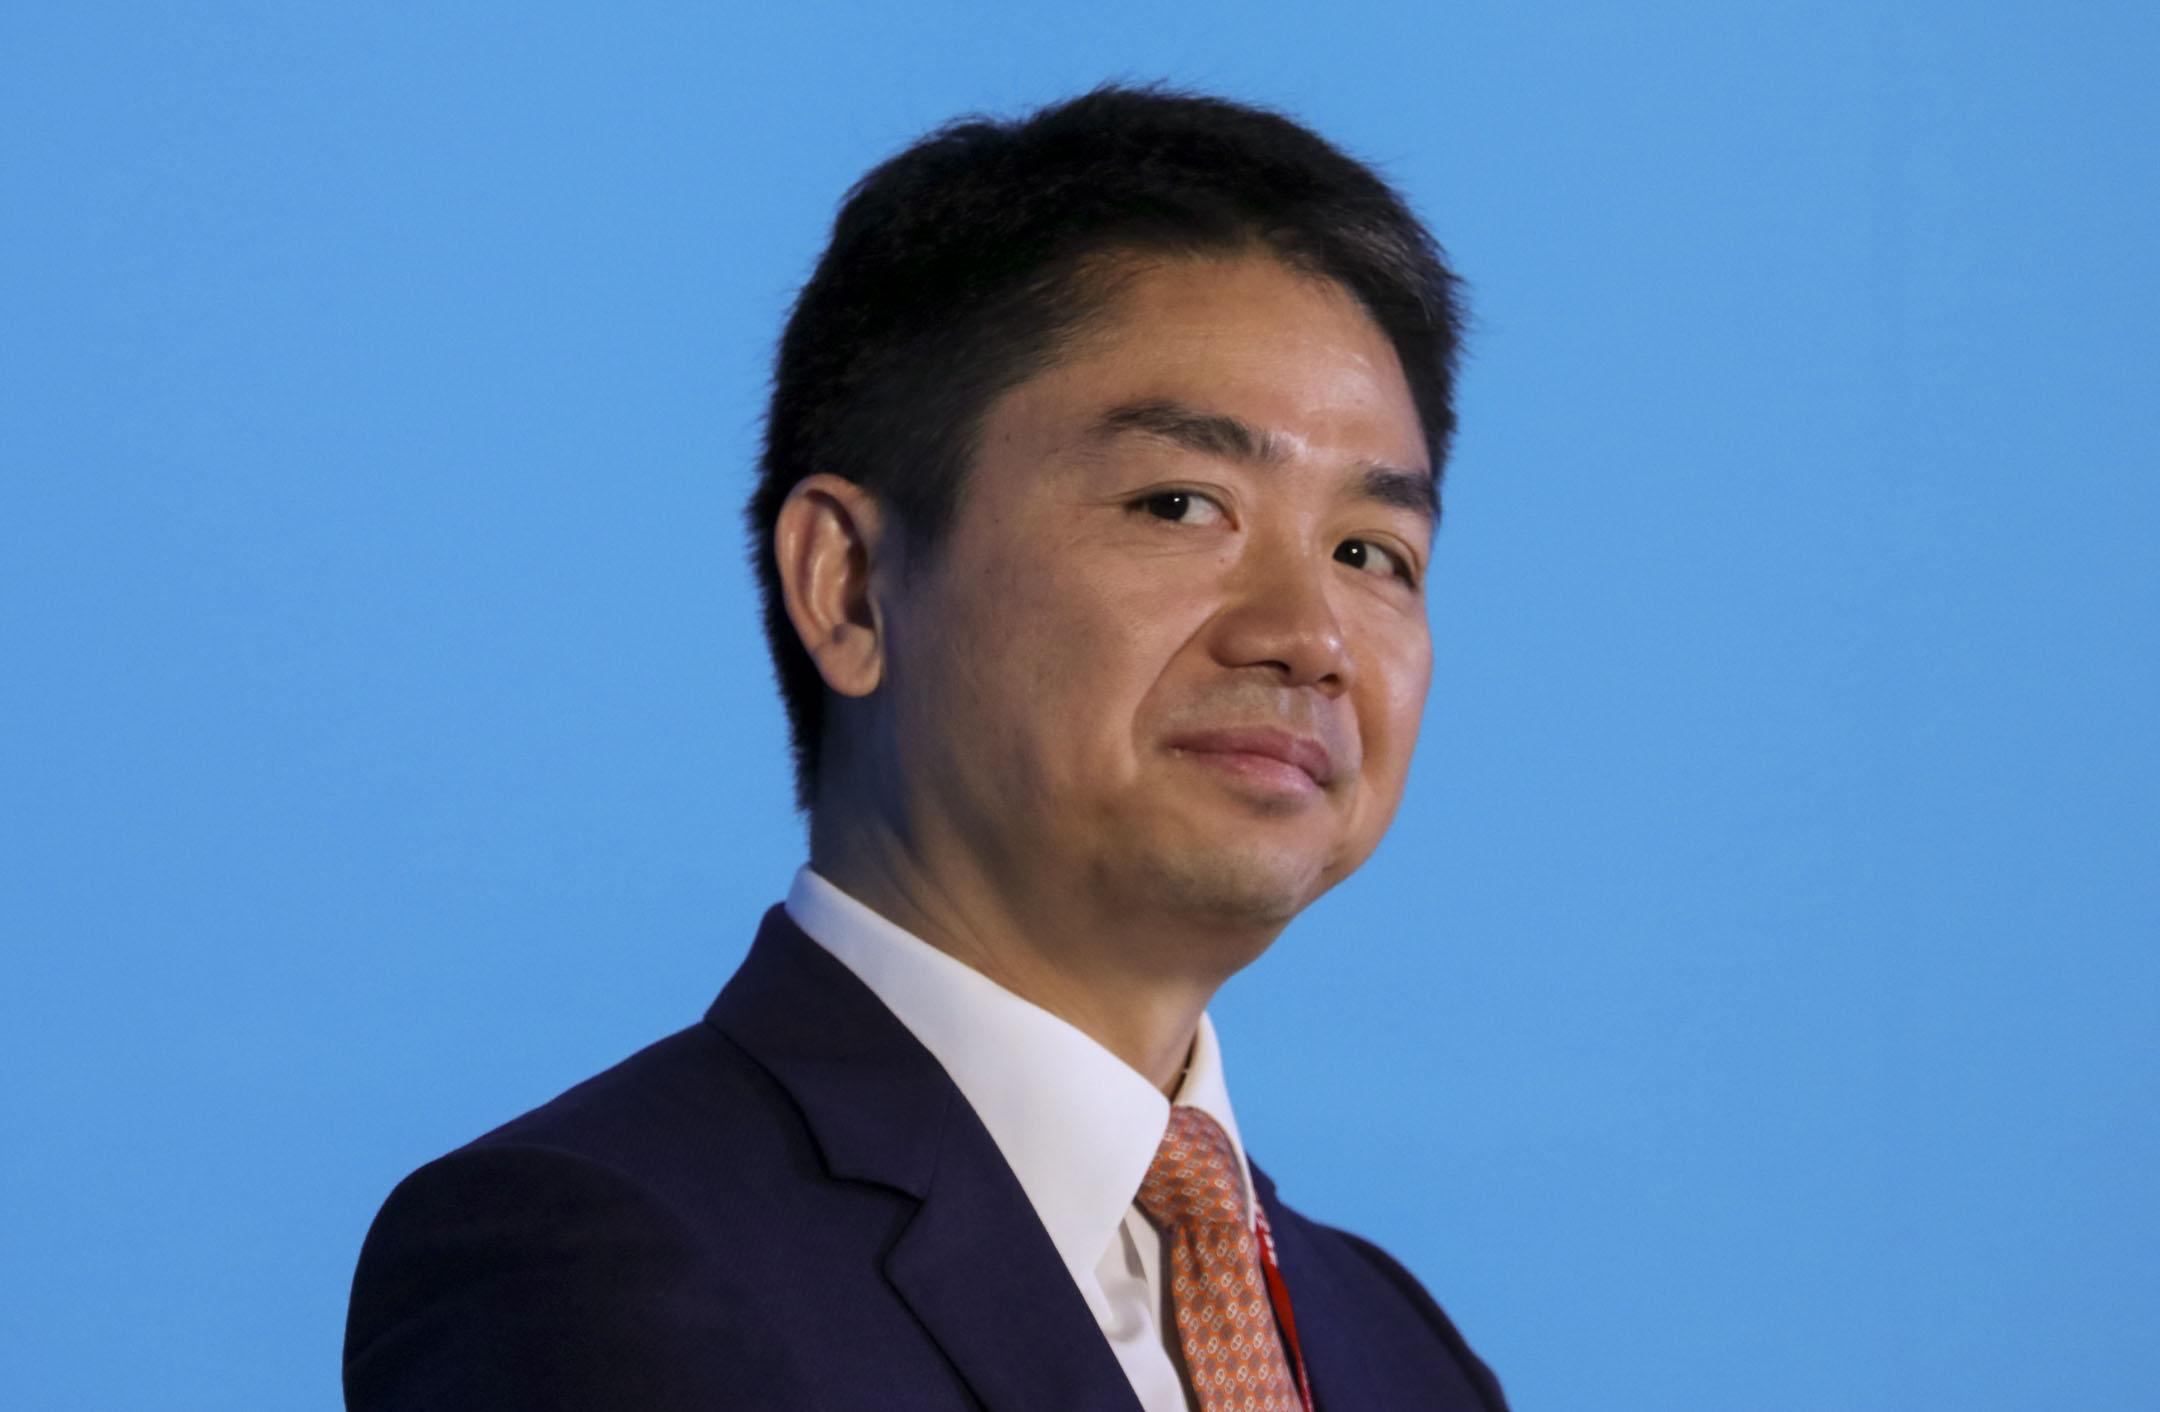 劉強東於2018年陷入的性侵訴訟仍繼續進行中。圖為劉強東於2015年出席博鰲亞洲論壇年會。